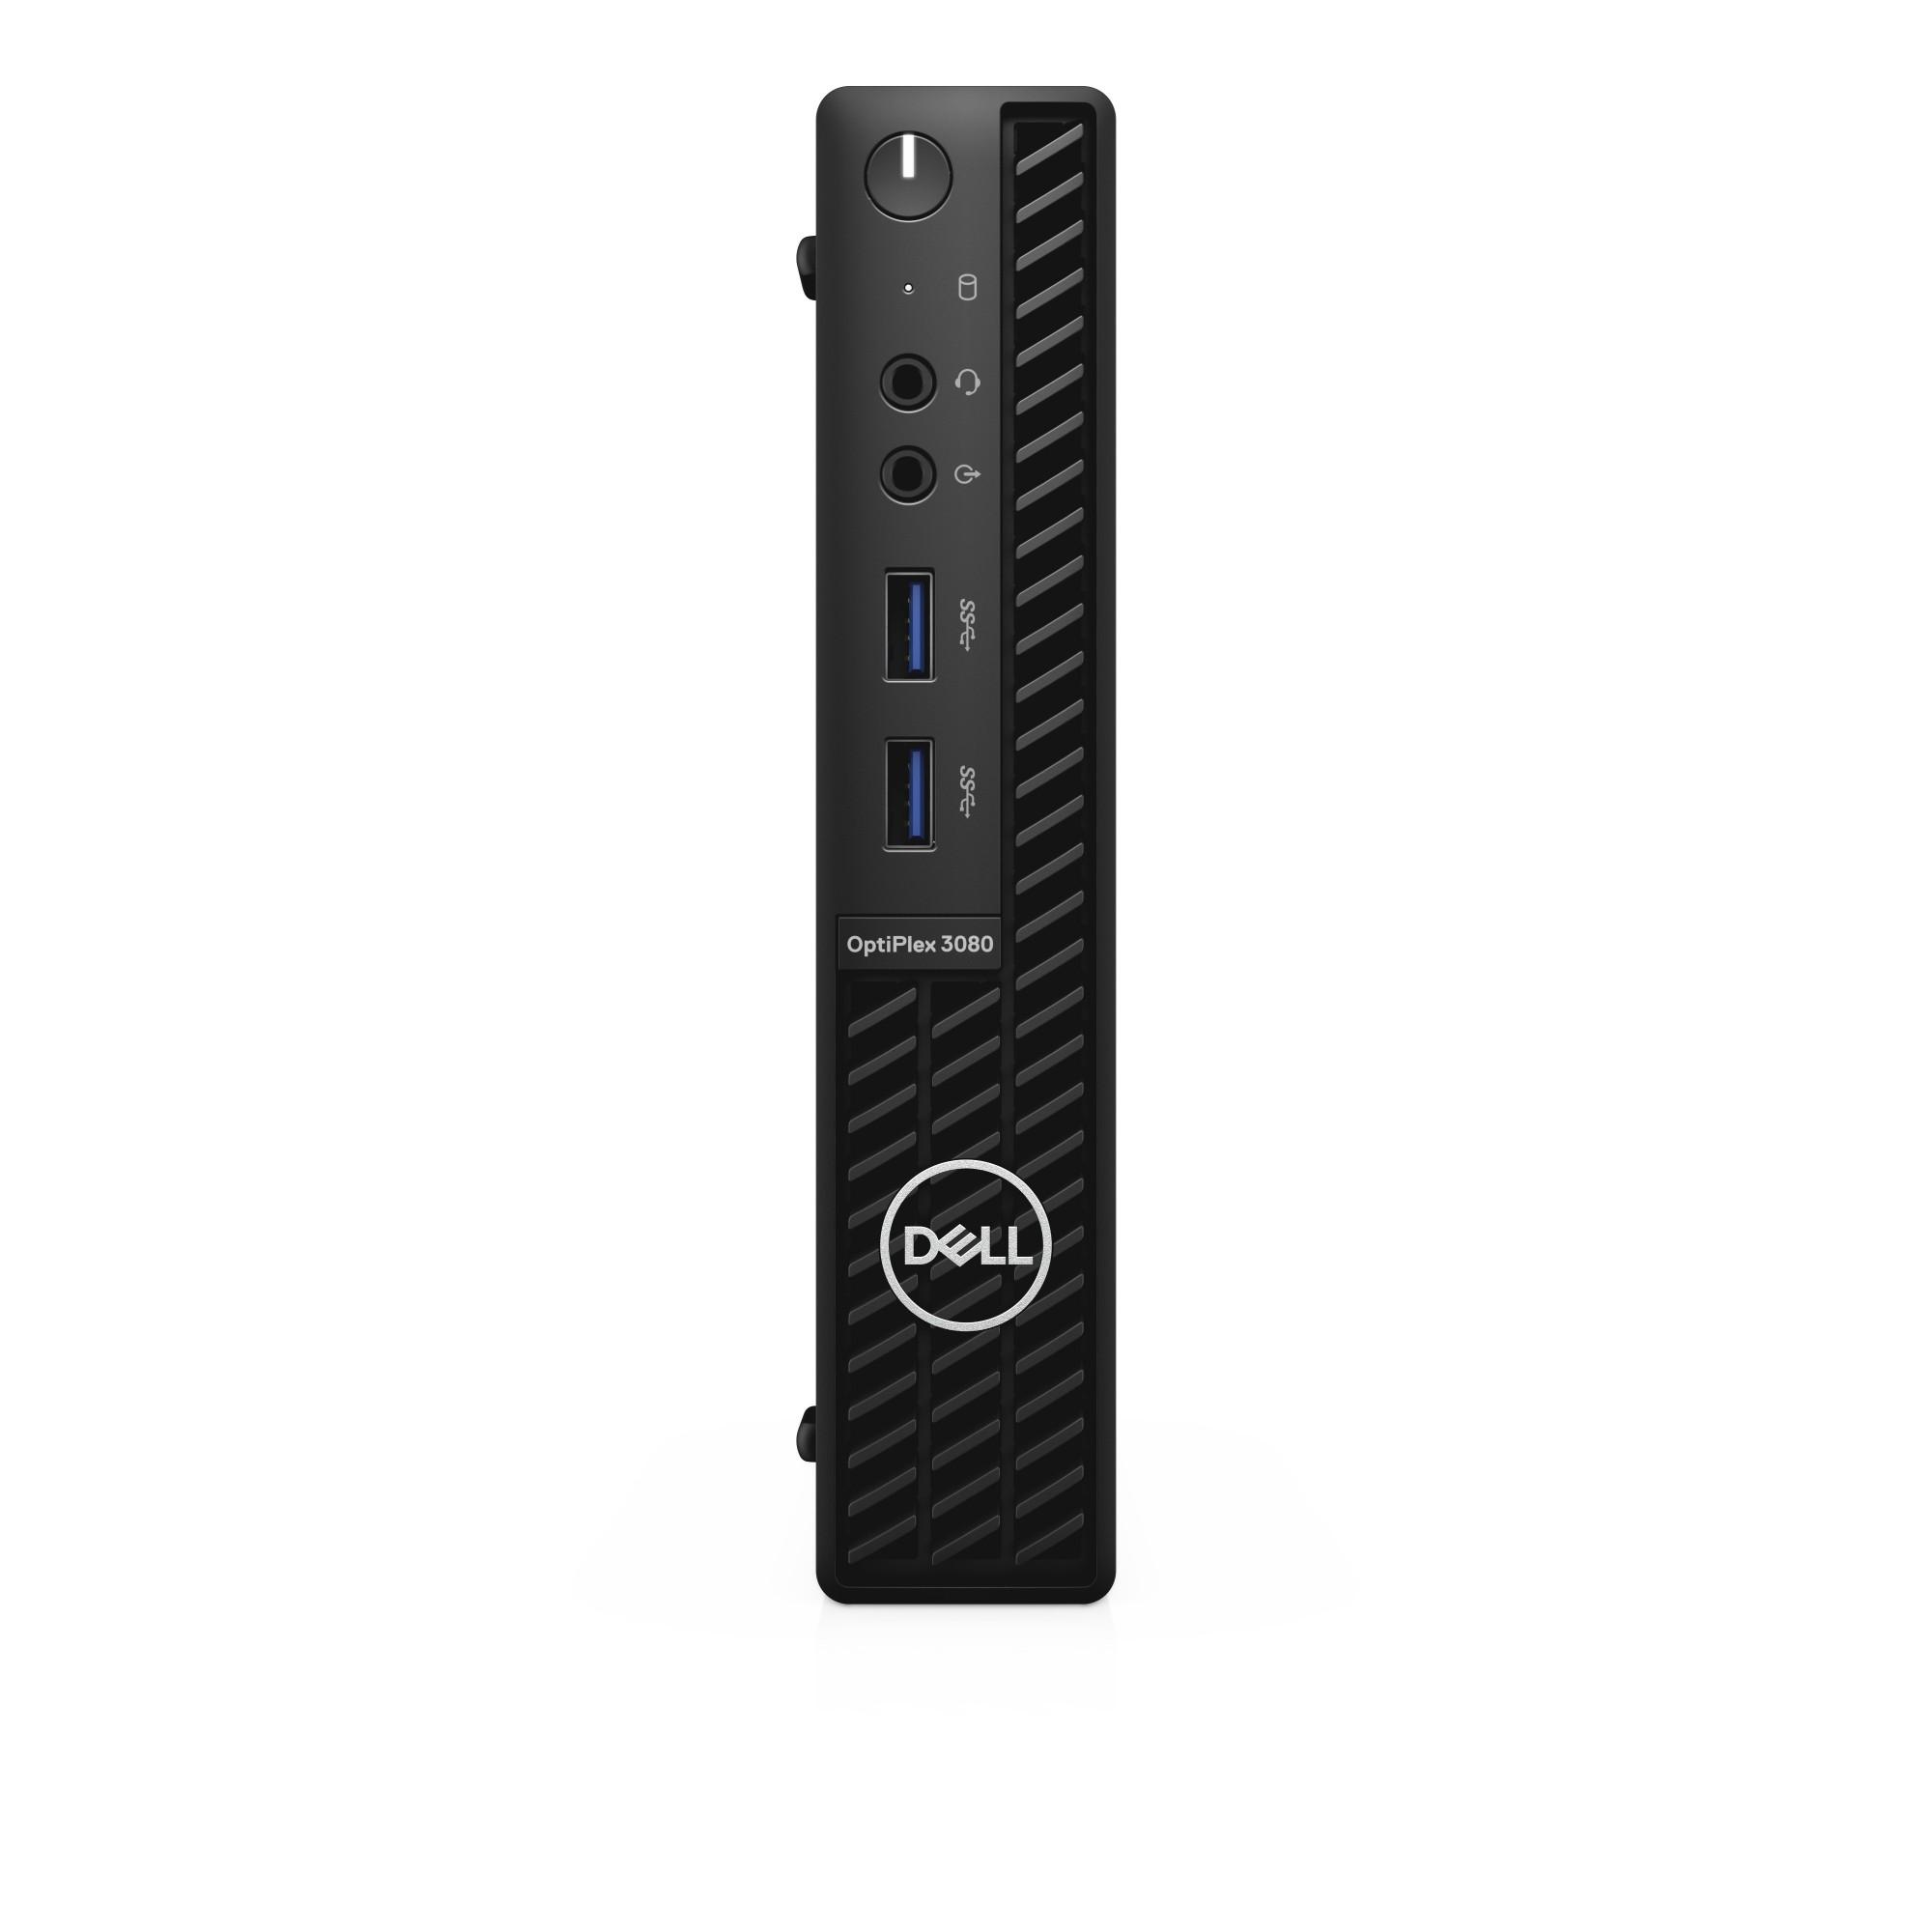 DELL OptiPlex 3080 i3-10100T MFF 10th gen Intel® Core™ i3 4 GB DDR4-SDRAM 128 GB SSD Windows 10 Pro Mini PC Black